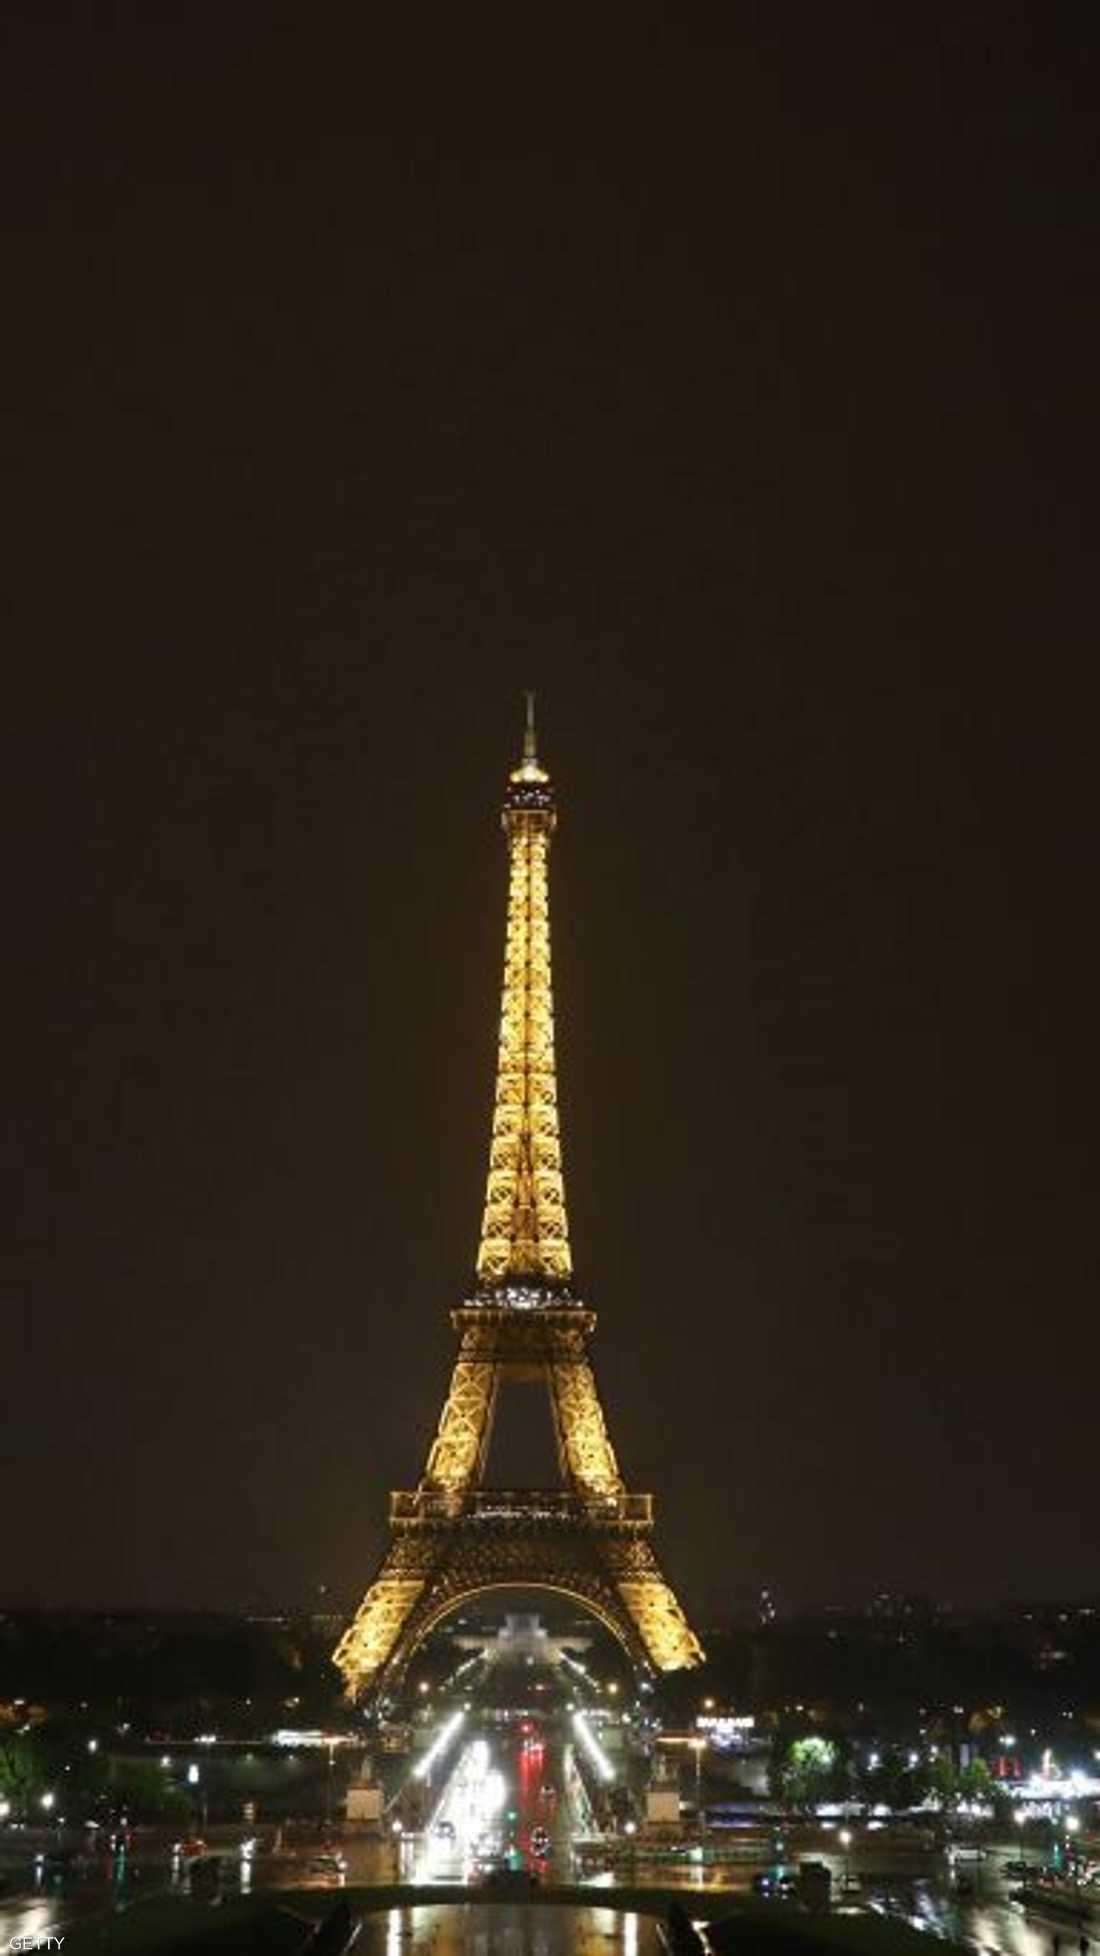 تحتفل باريس هذه الأيام بالذكرى 130 لبناء أيقونتها السياحية التي أصبحت قبلة للزوار من جميع أنحاء العالم